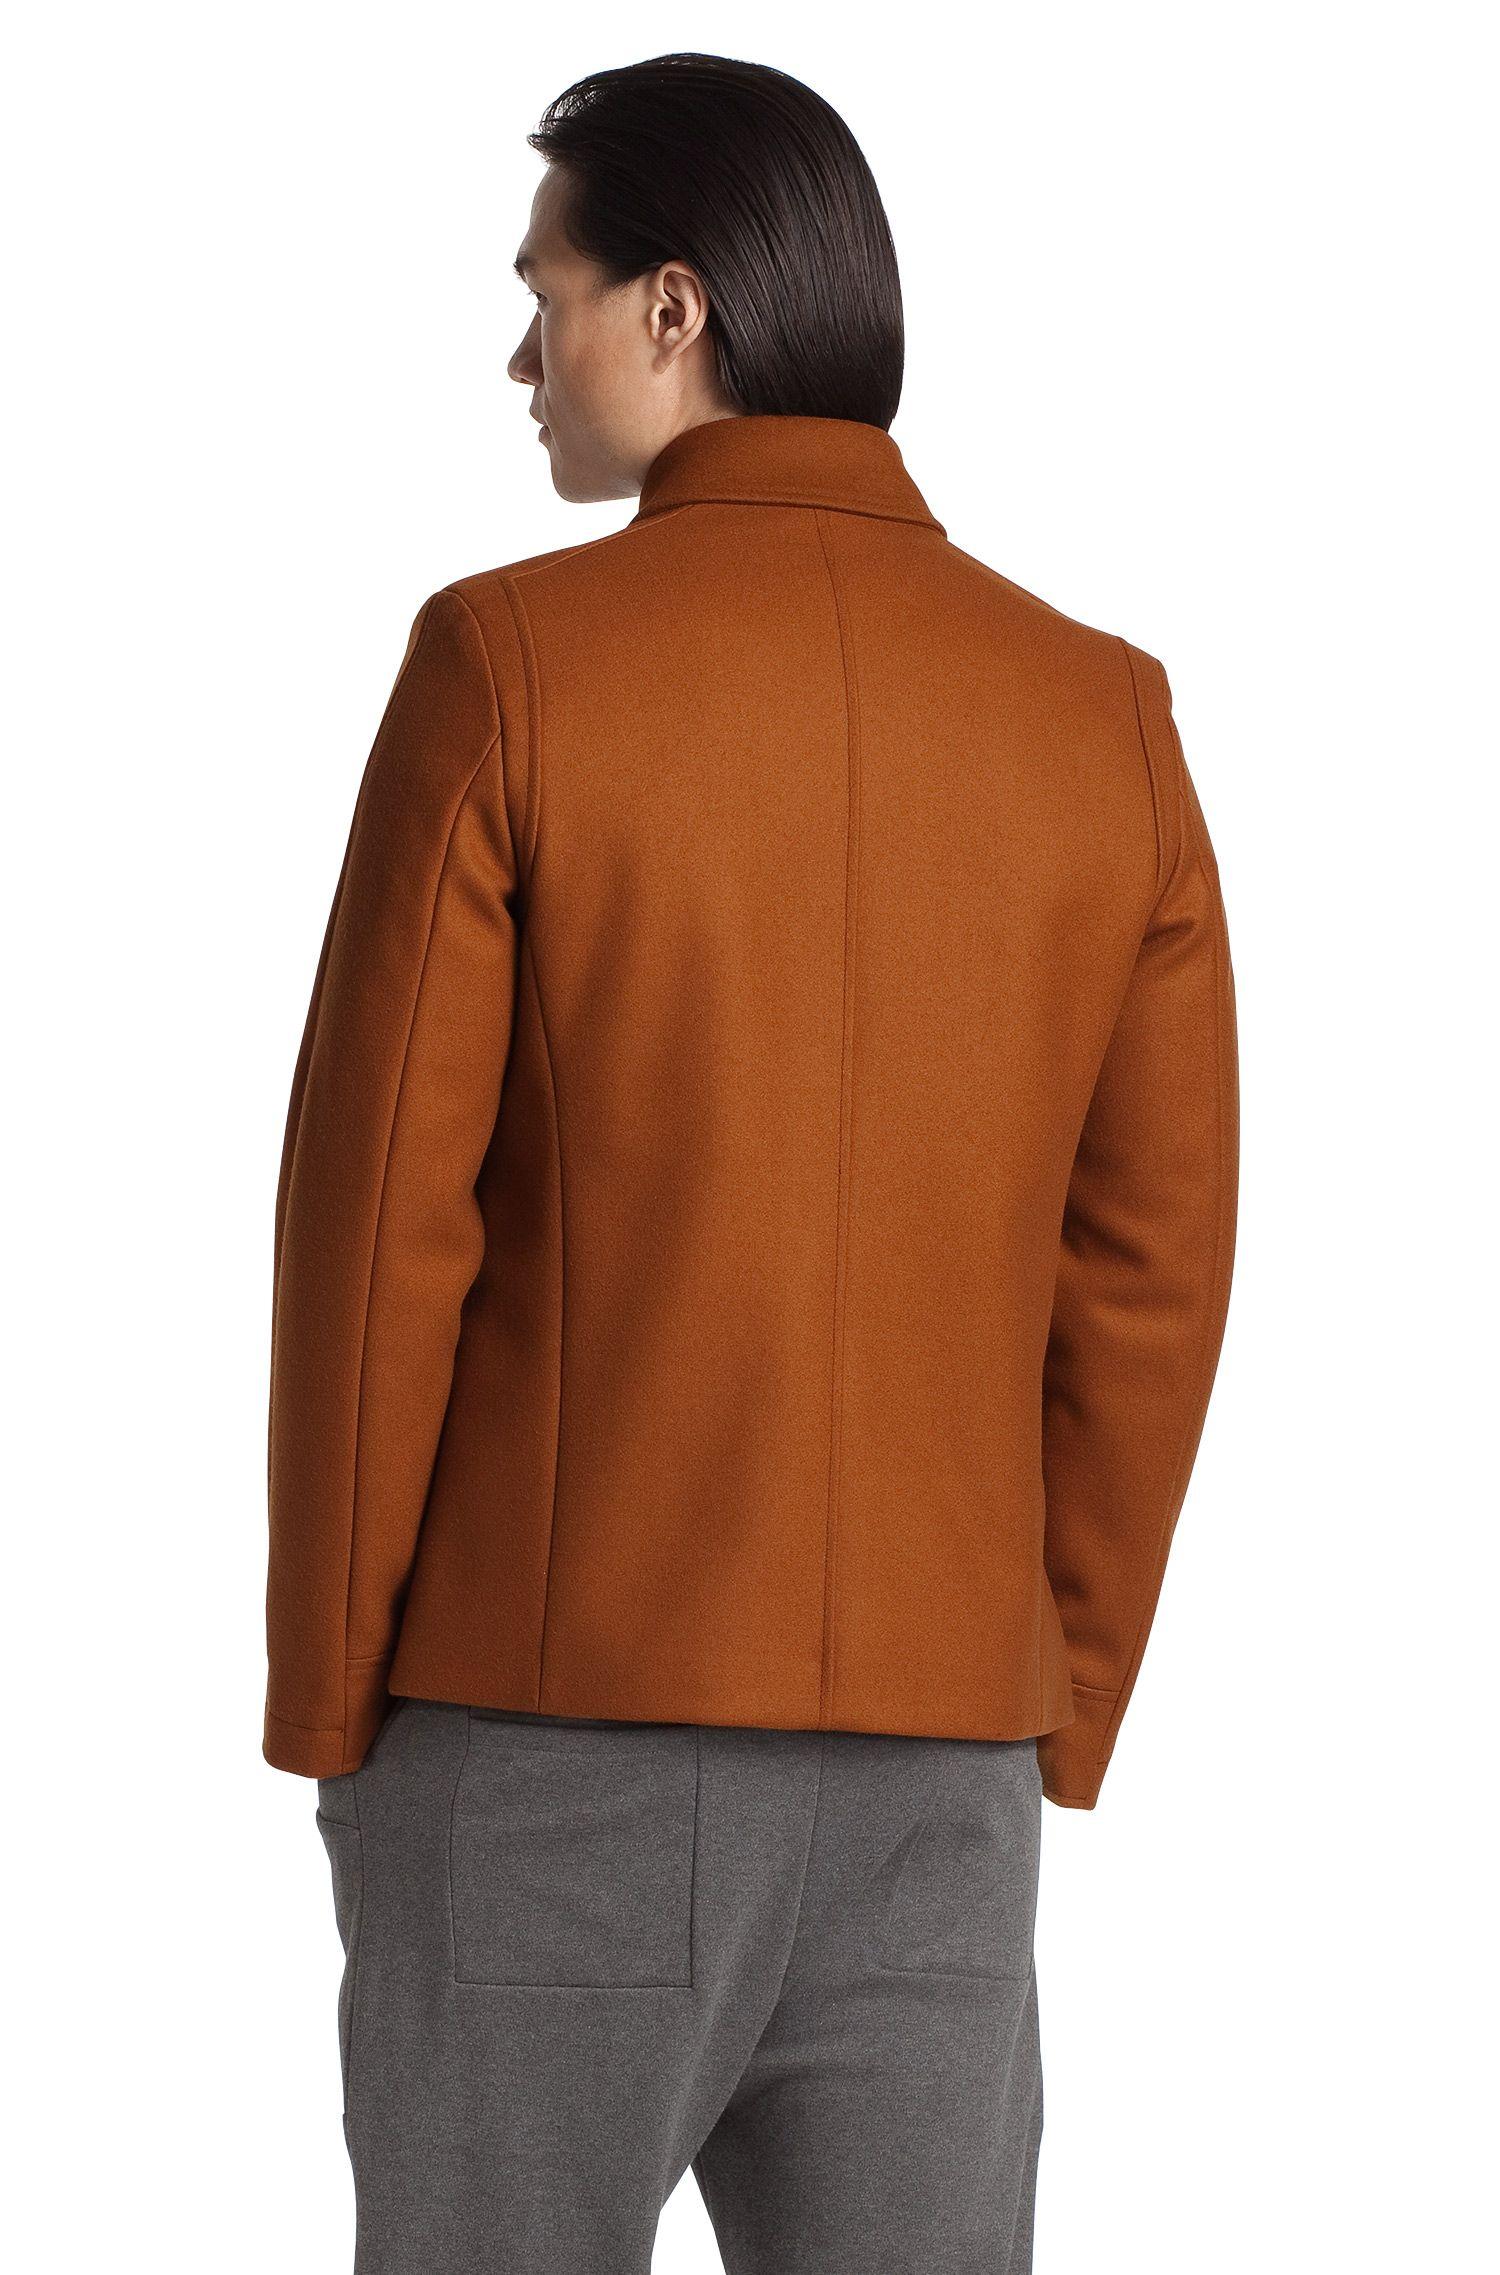 Outdoor-Jacke ´Bimero` aus einem Schurwoll-Mix